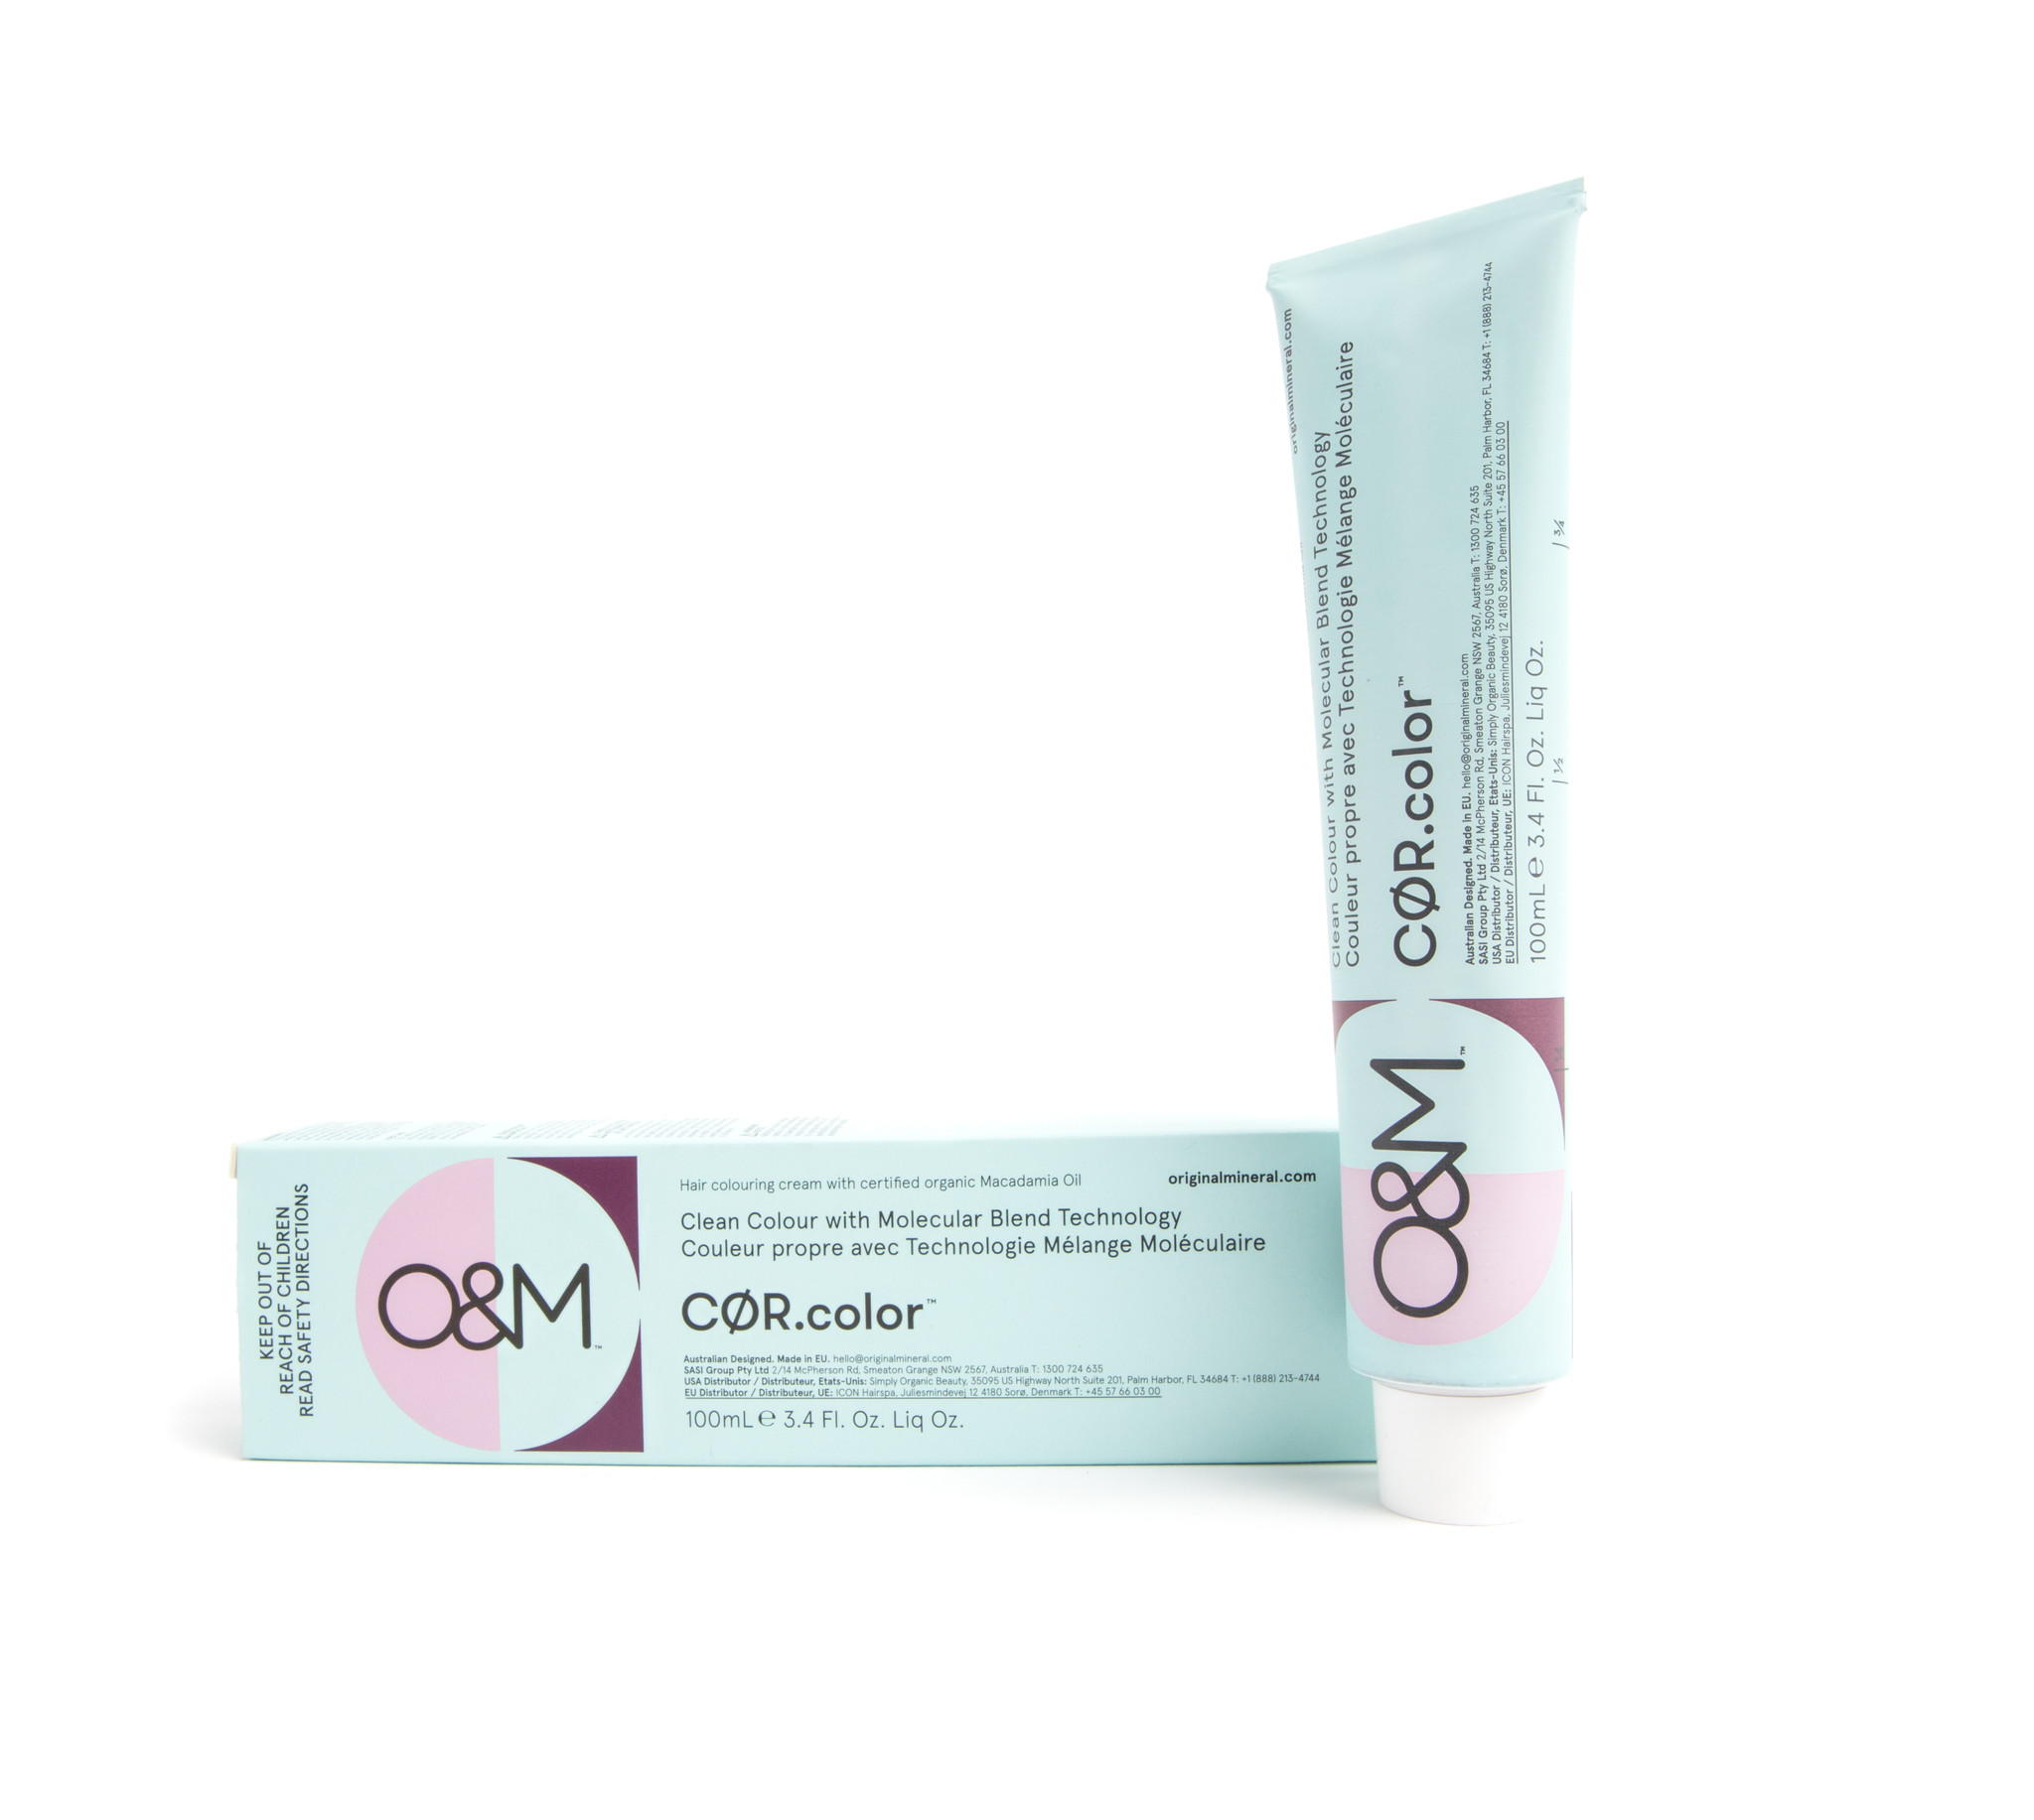 O&M - Original Mineral O&M CØR.color Q.color Natural Blonde 7.0 50g